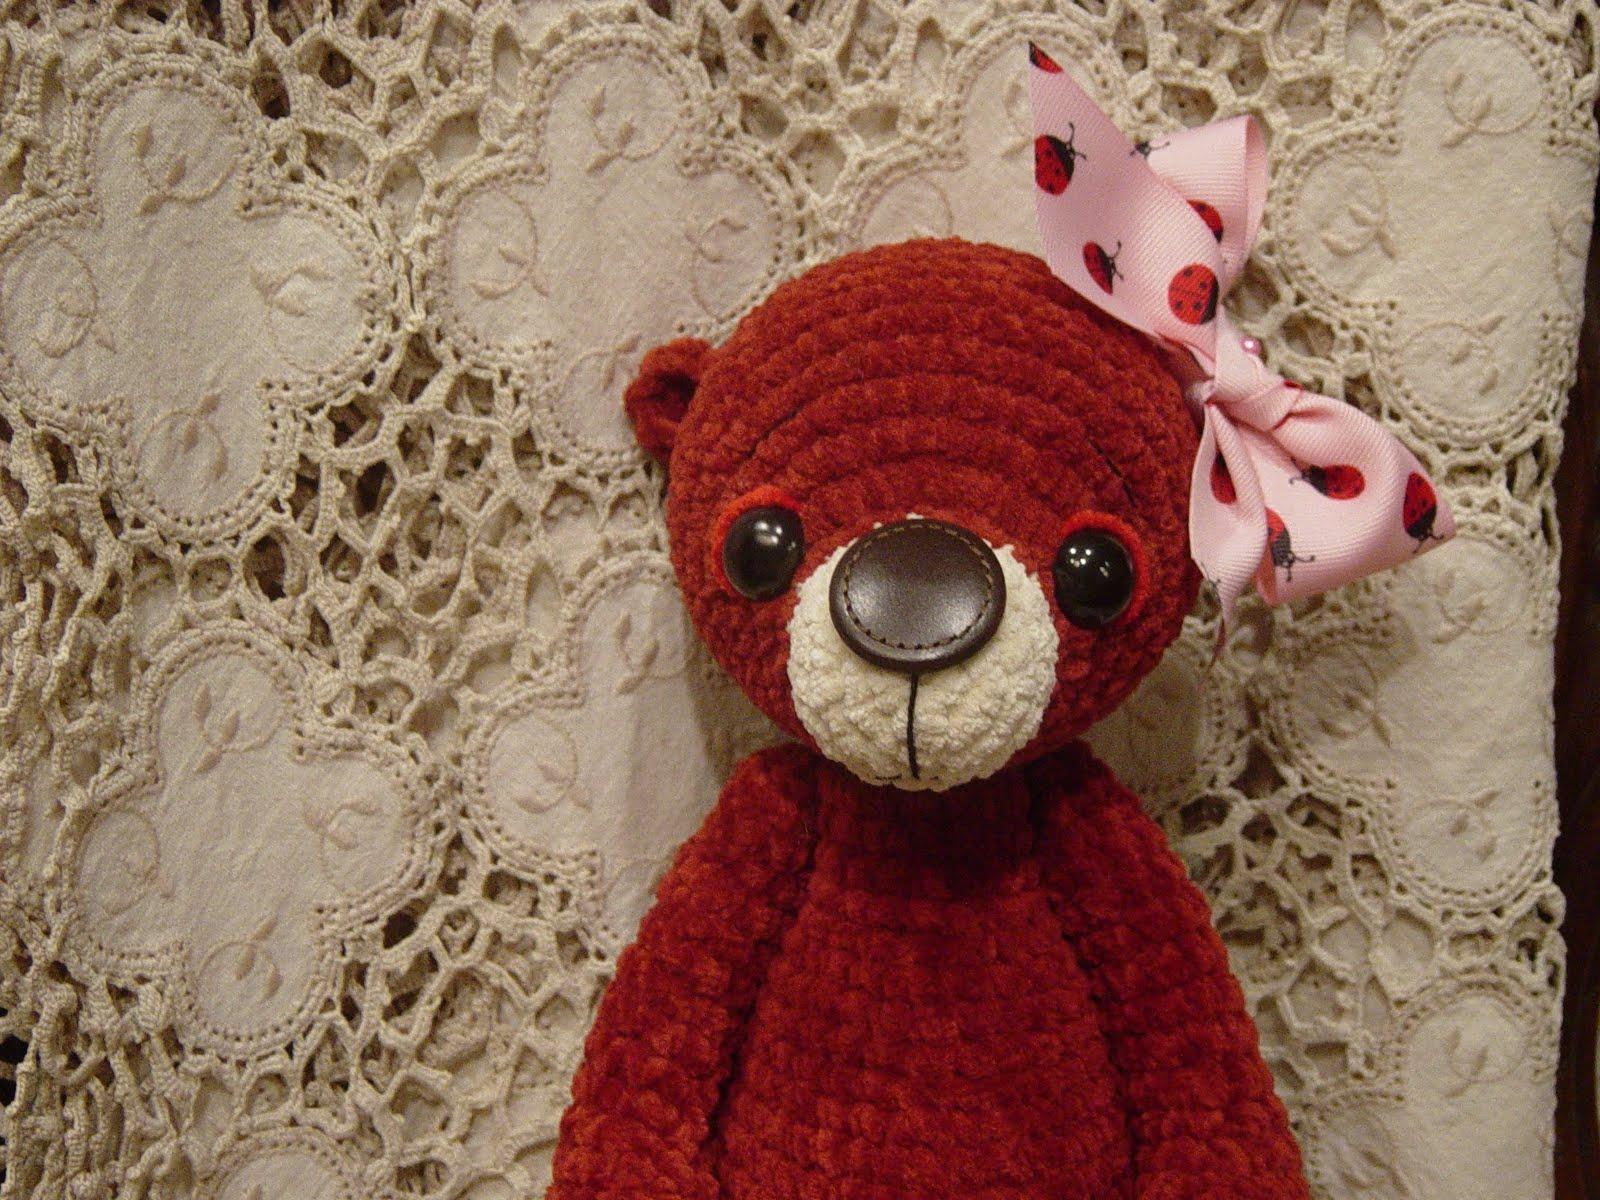 [crochetbear4.php]